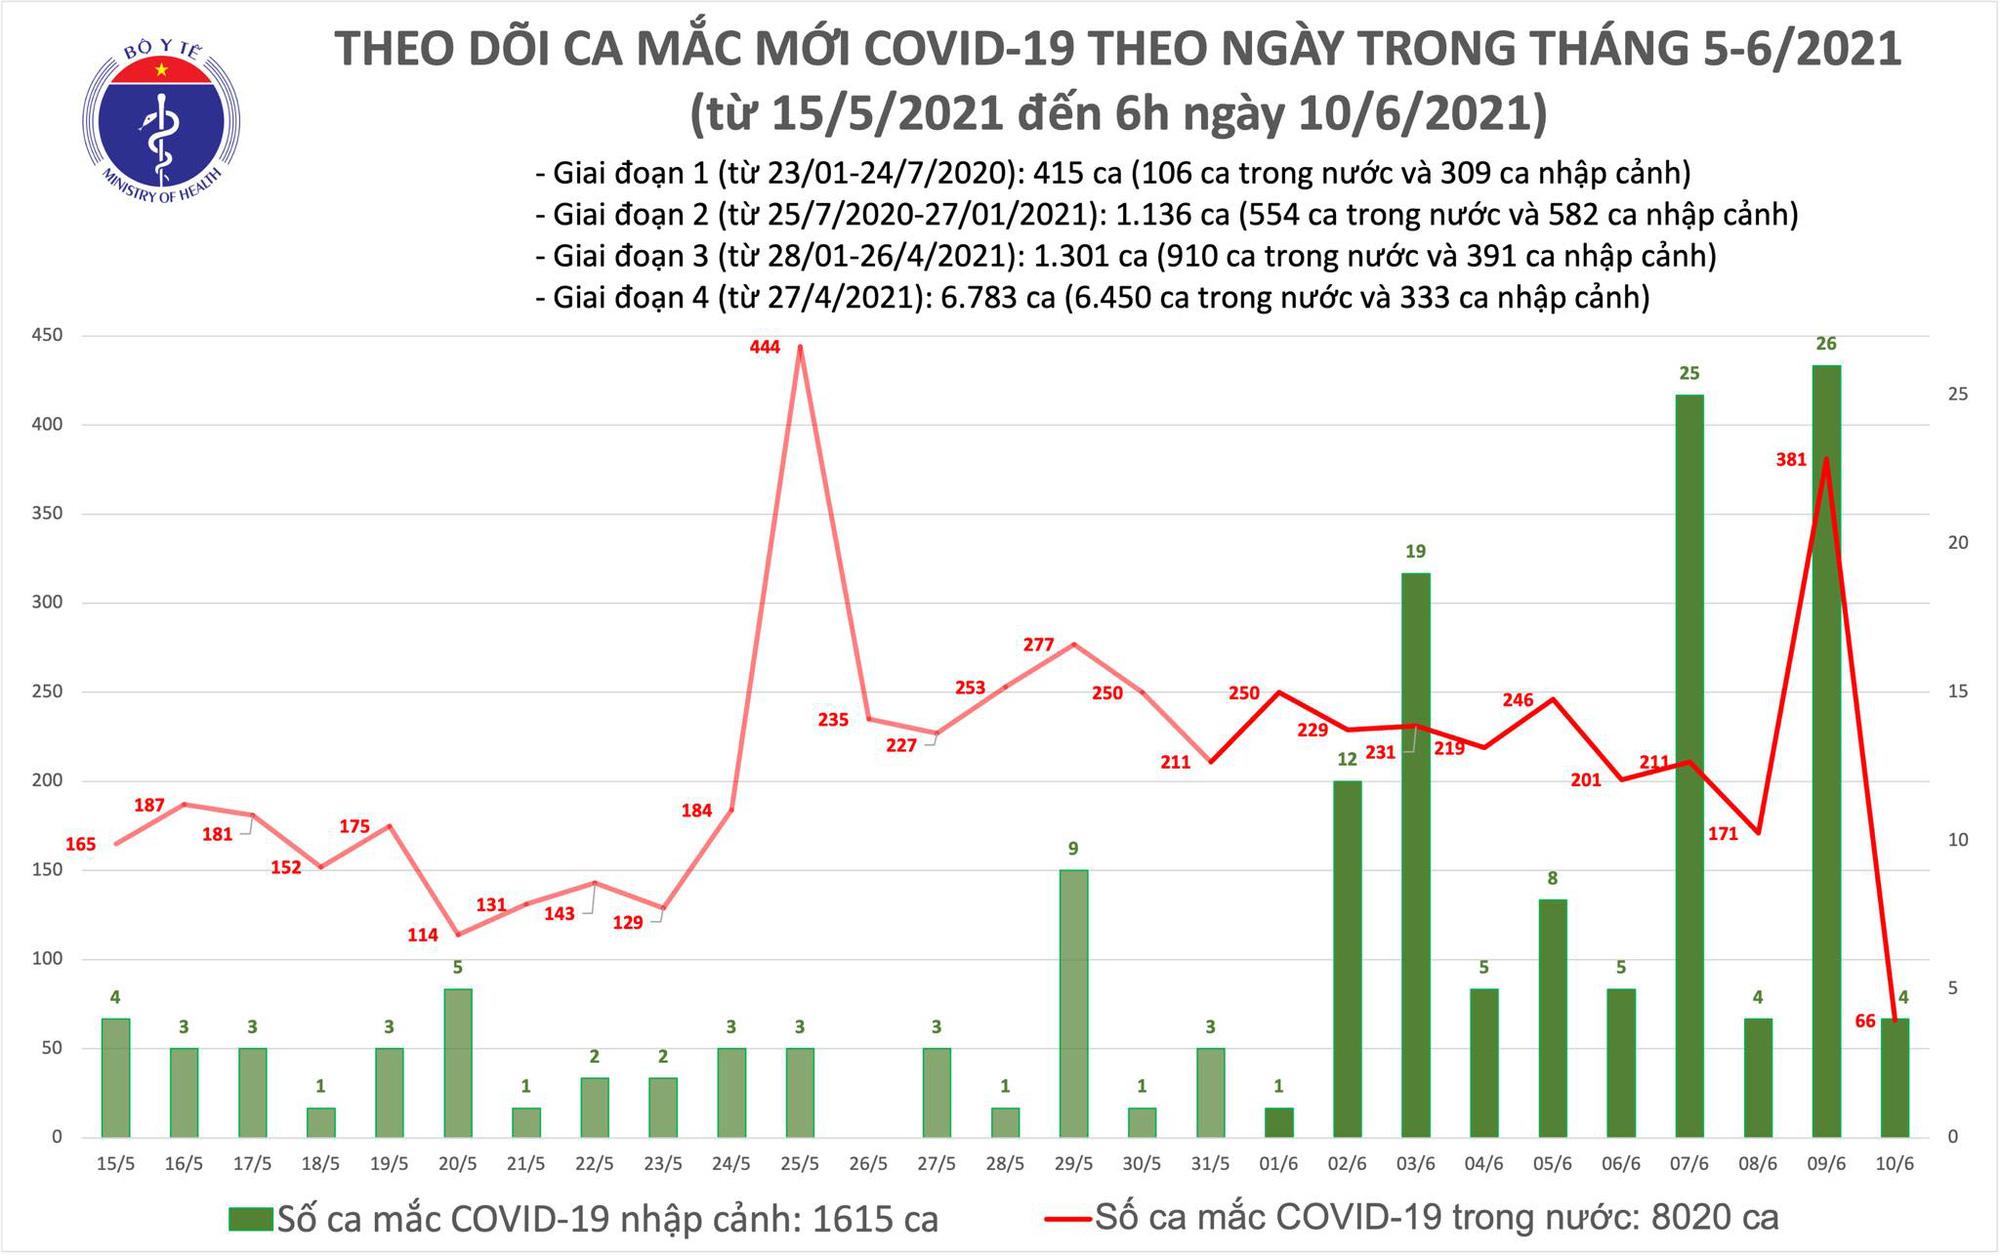 Sáng 10/6: thêm 70 ca mắc COVID-19, 26 ca tại TPHCM - Ảnh 1.